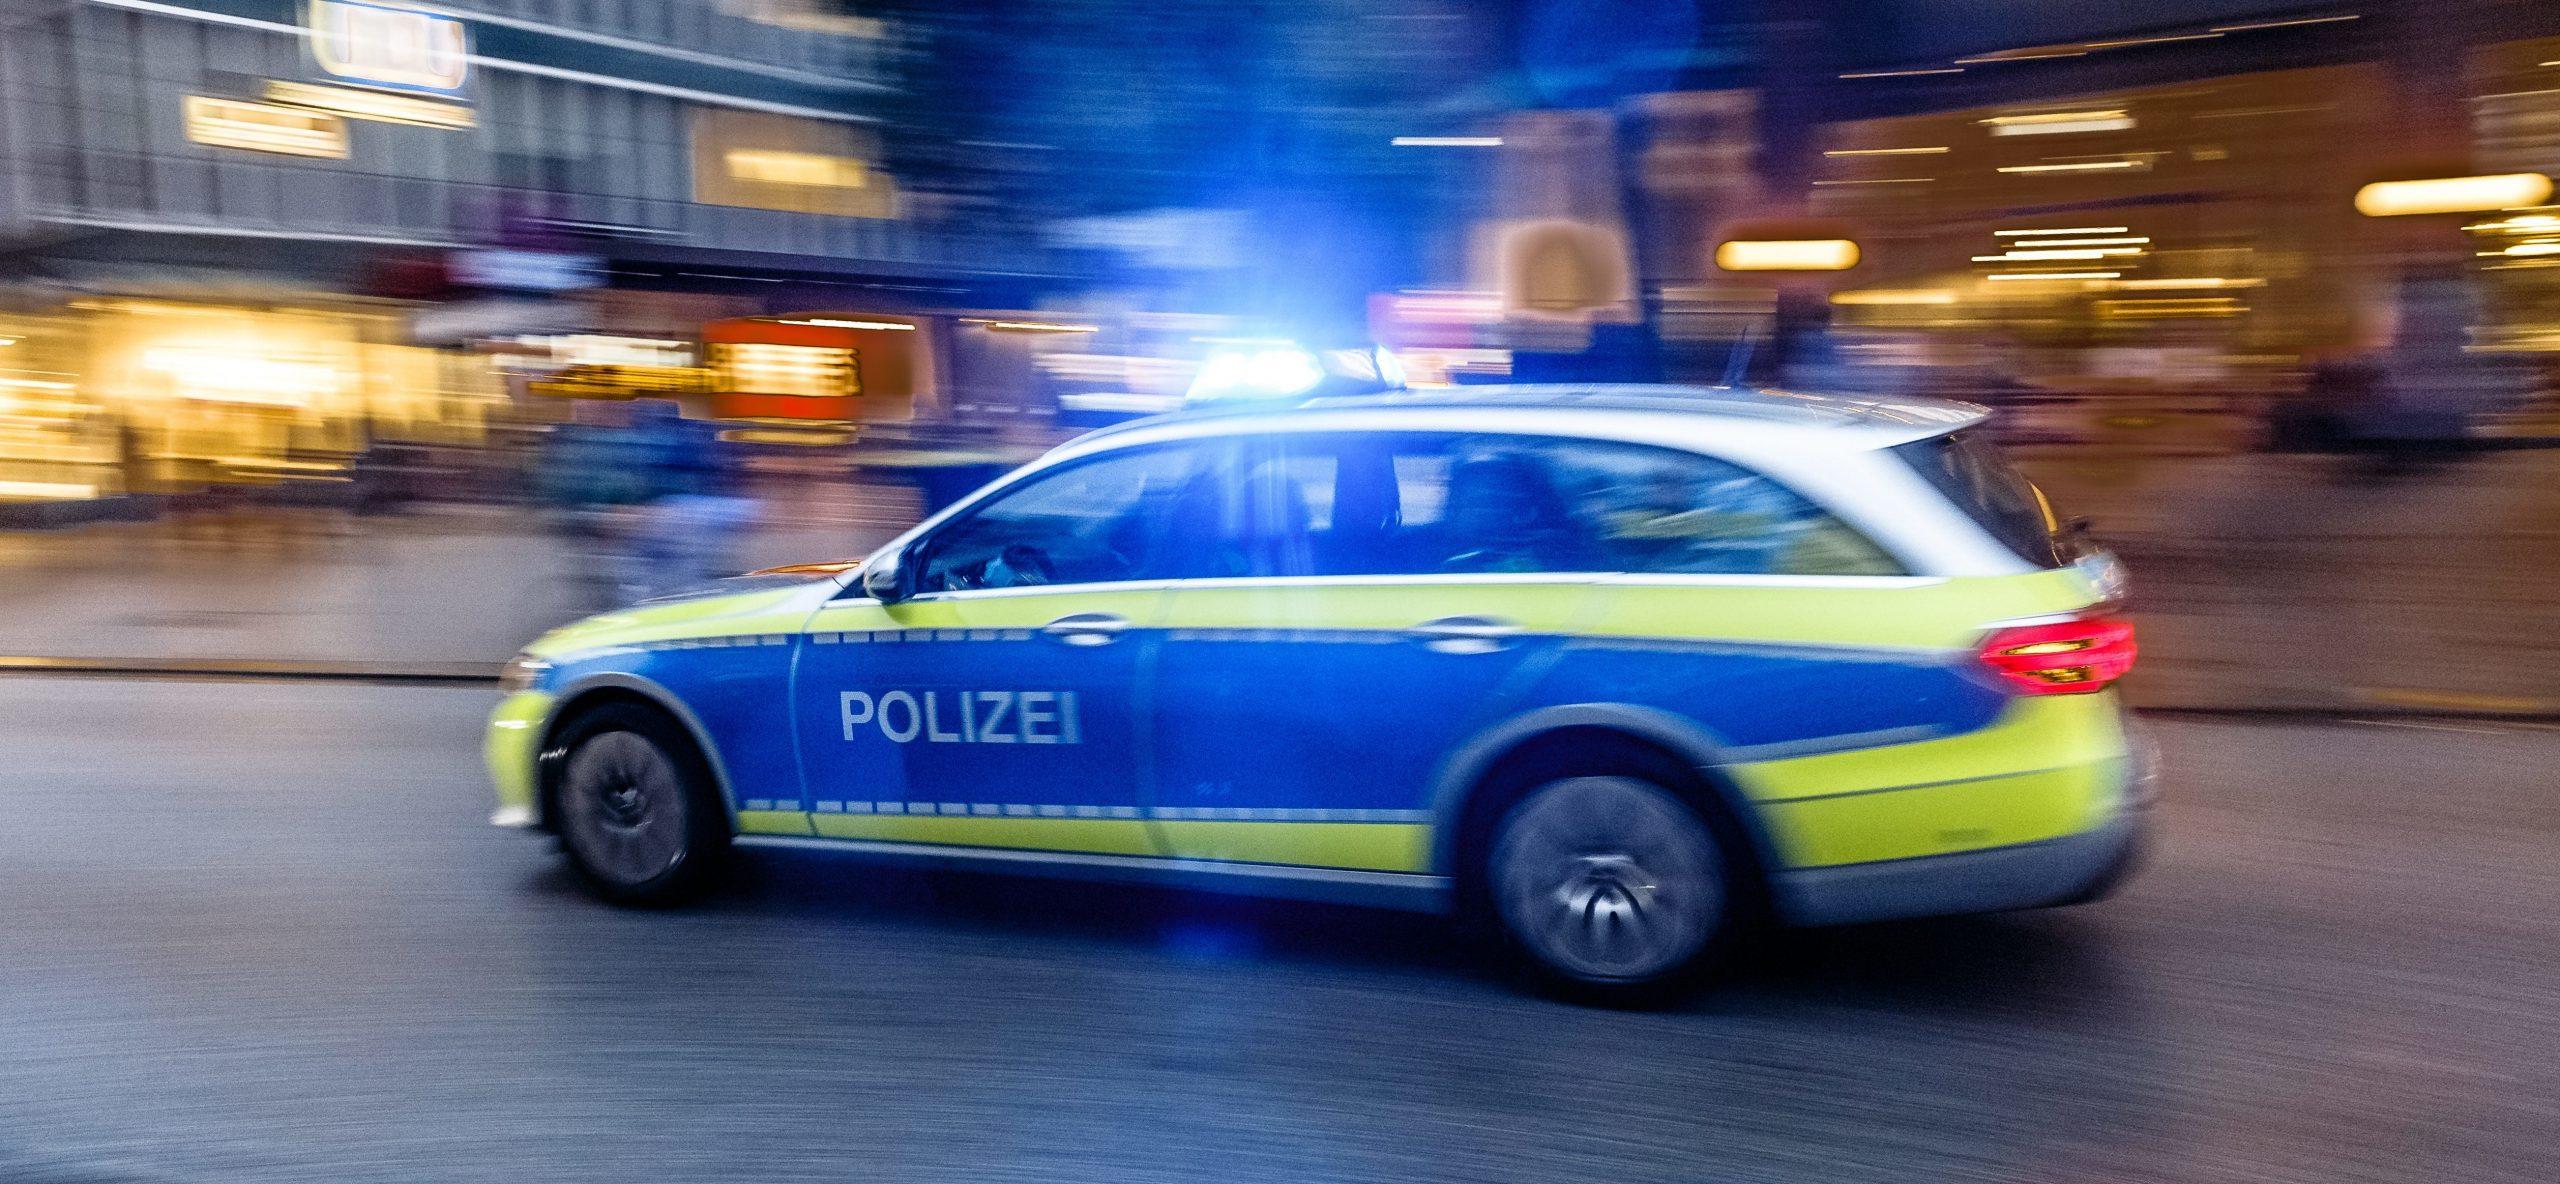 Hamburg: Schwert-Räuber überfällt Tankstelle